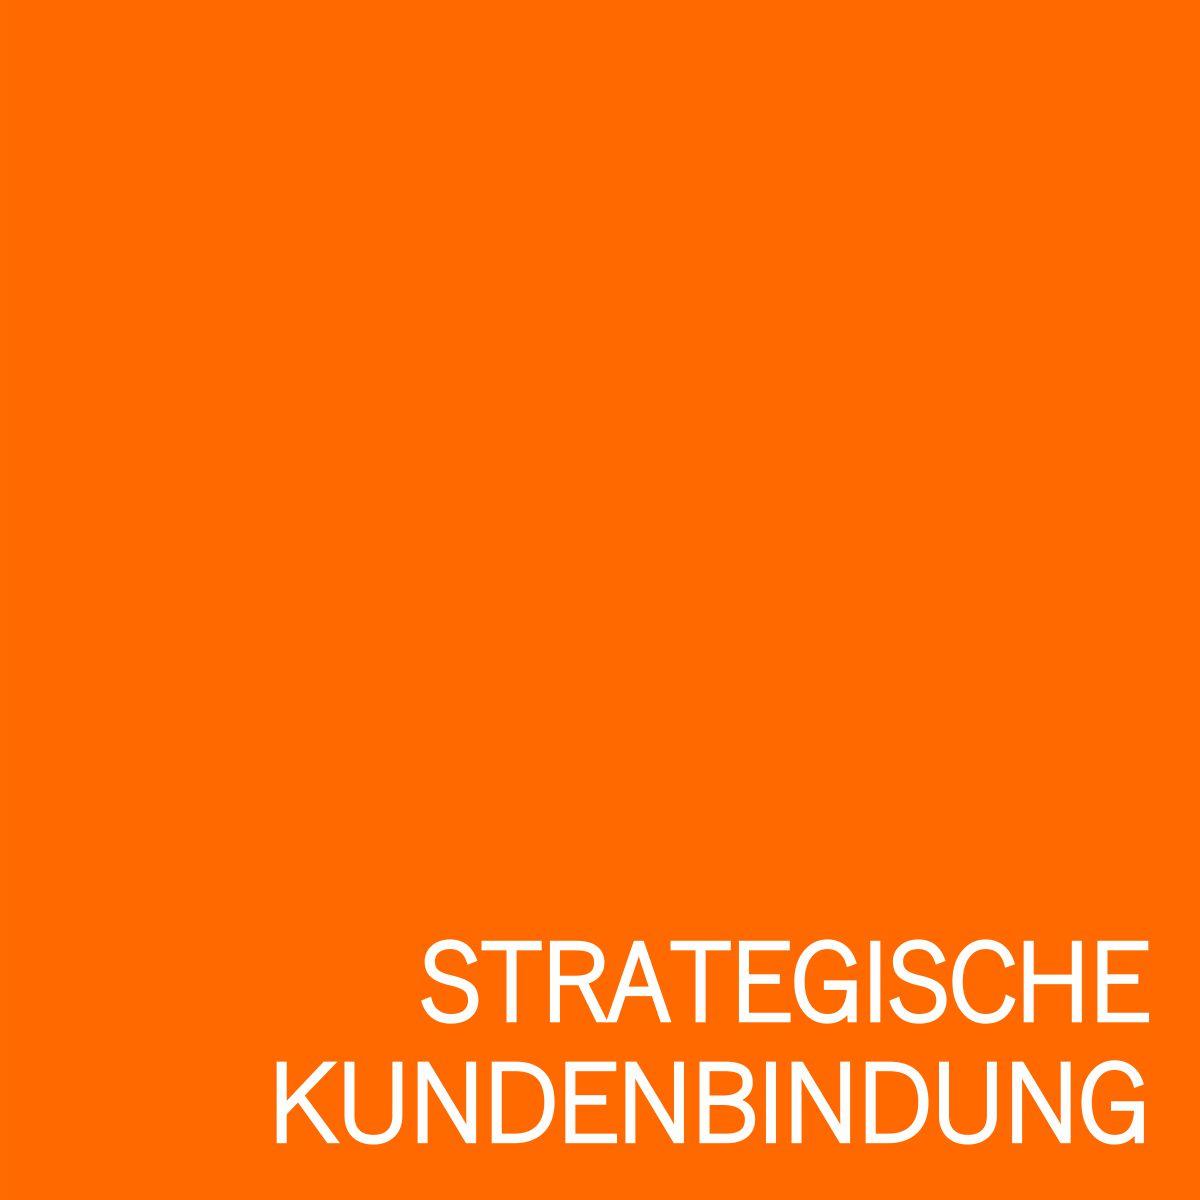 Strategische Kundenbindung - Strategien zur Verbesserung der Kundenbindung